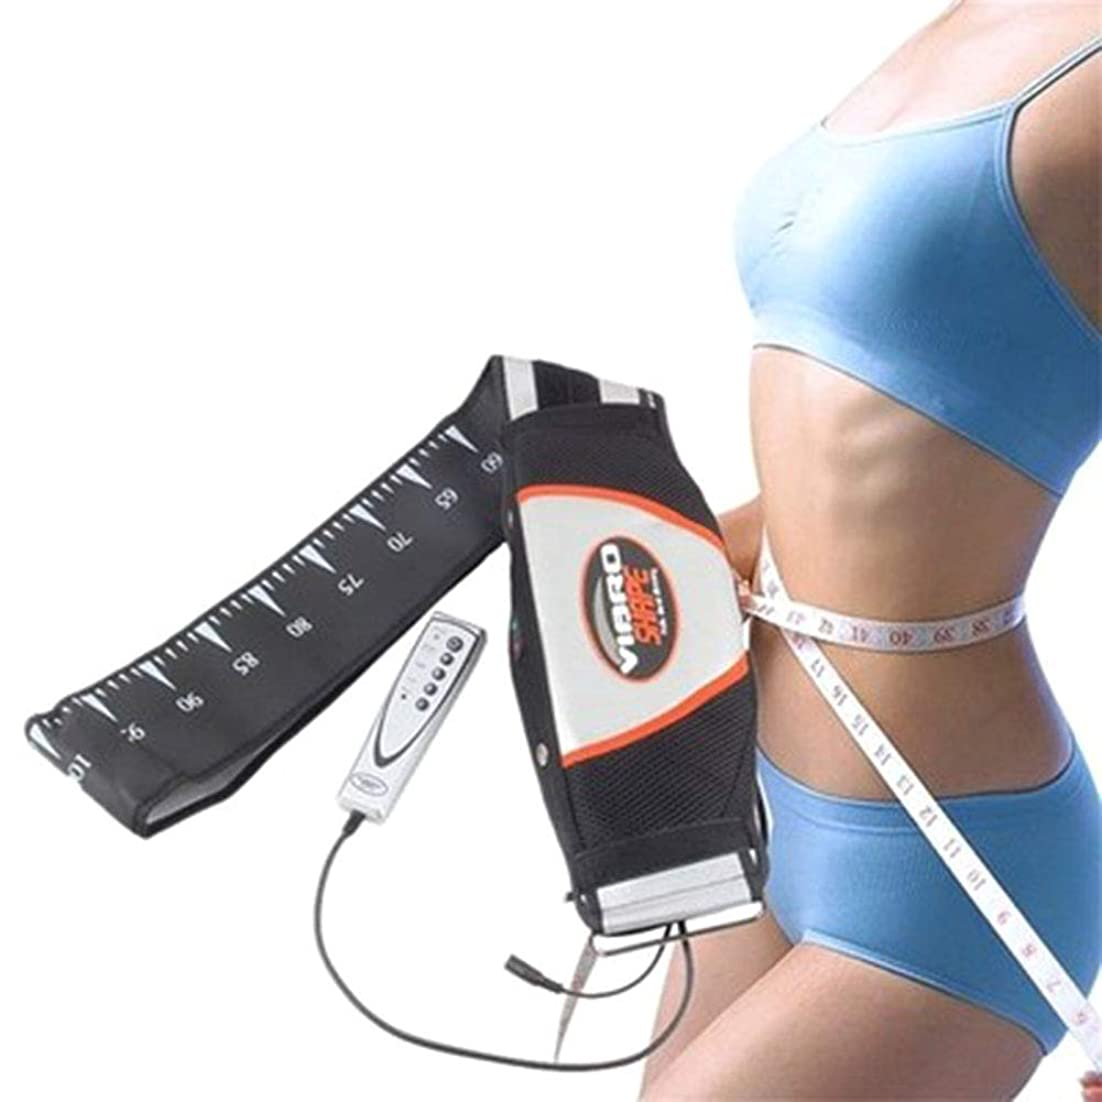 建物オーバードローもの電熱 振動 腰 サウナ ベルト、 ショックヒーティング スリミング マッサージベルト、 体重が減る スリミング マッサージャー